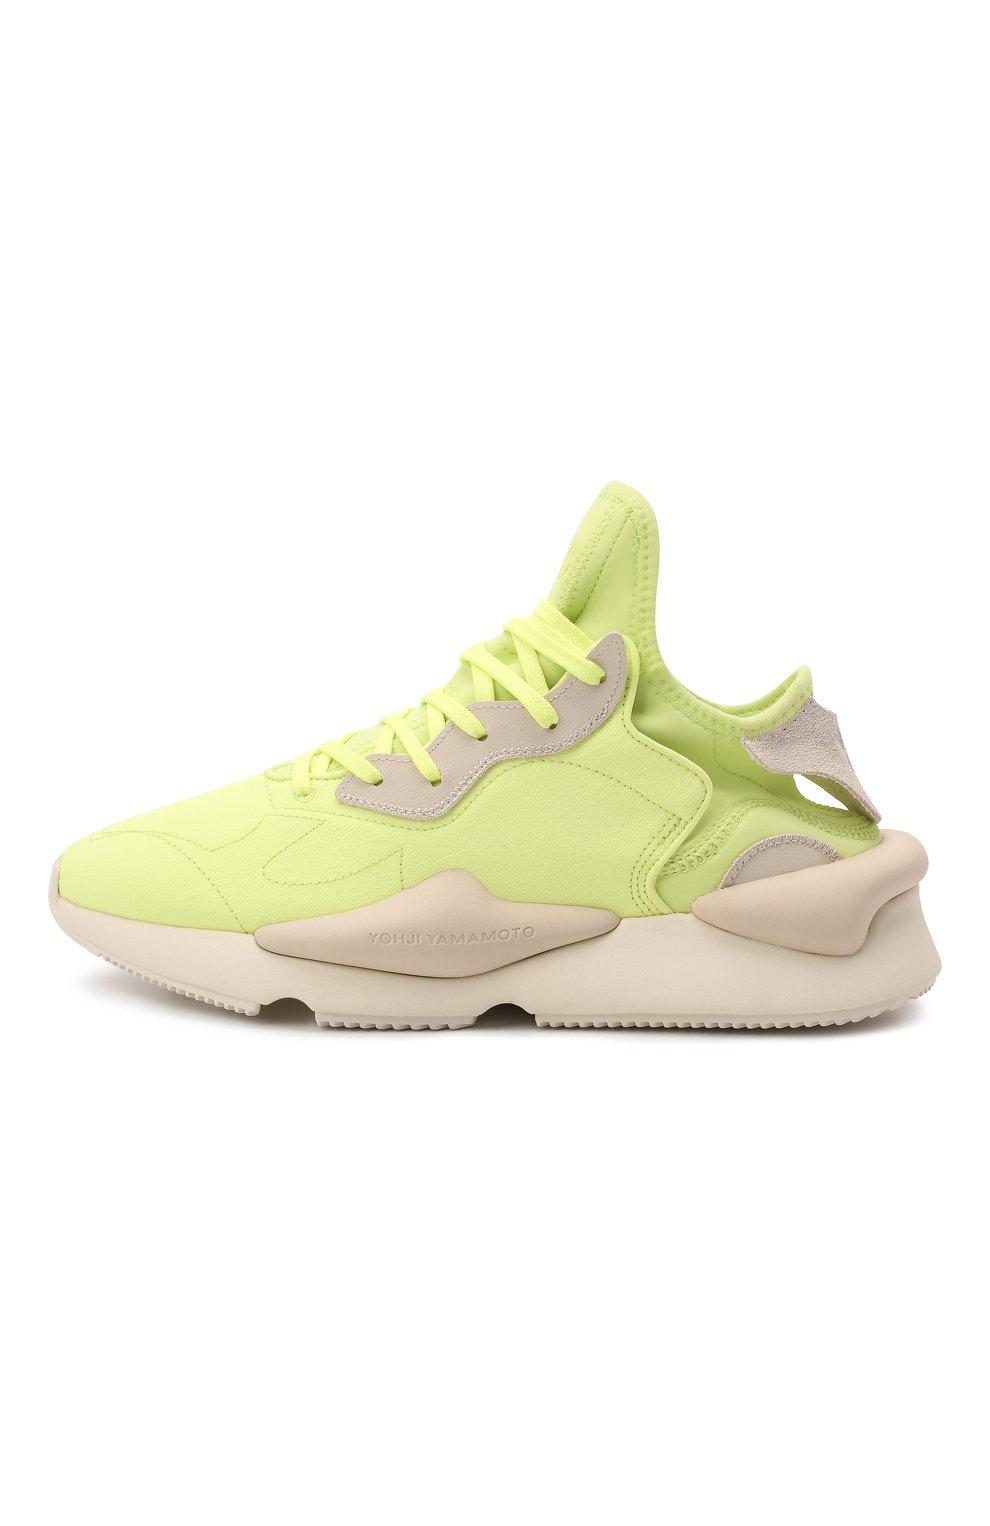 Мужские текстильные кроссовки kaiwa Y-3 светло-зеленого цвета, арт. GZ9144/M | Фото 3 (Материал внешний: Текстиль; Материал внутренний: Натуральная кожа, Текстиль; Подошва: Массивная; Стили: Спорт)